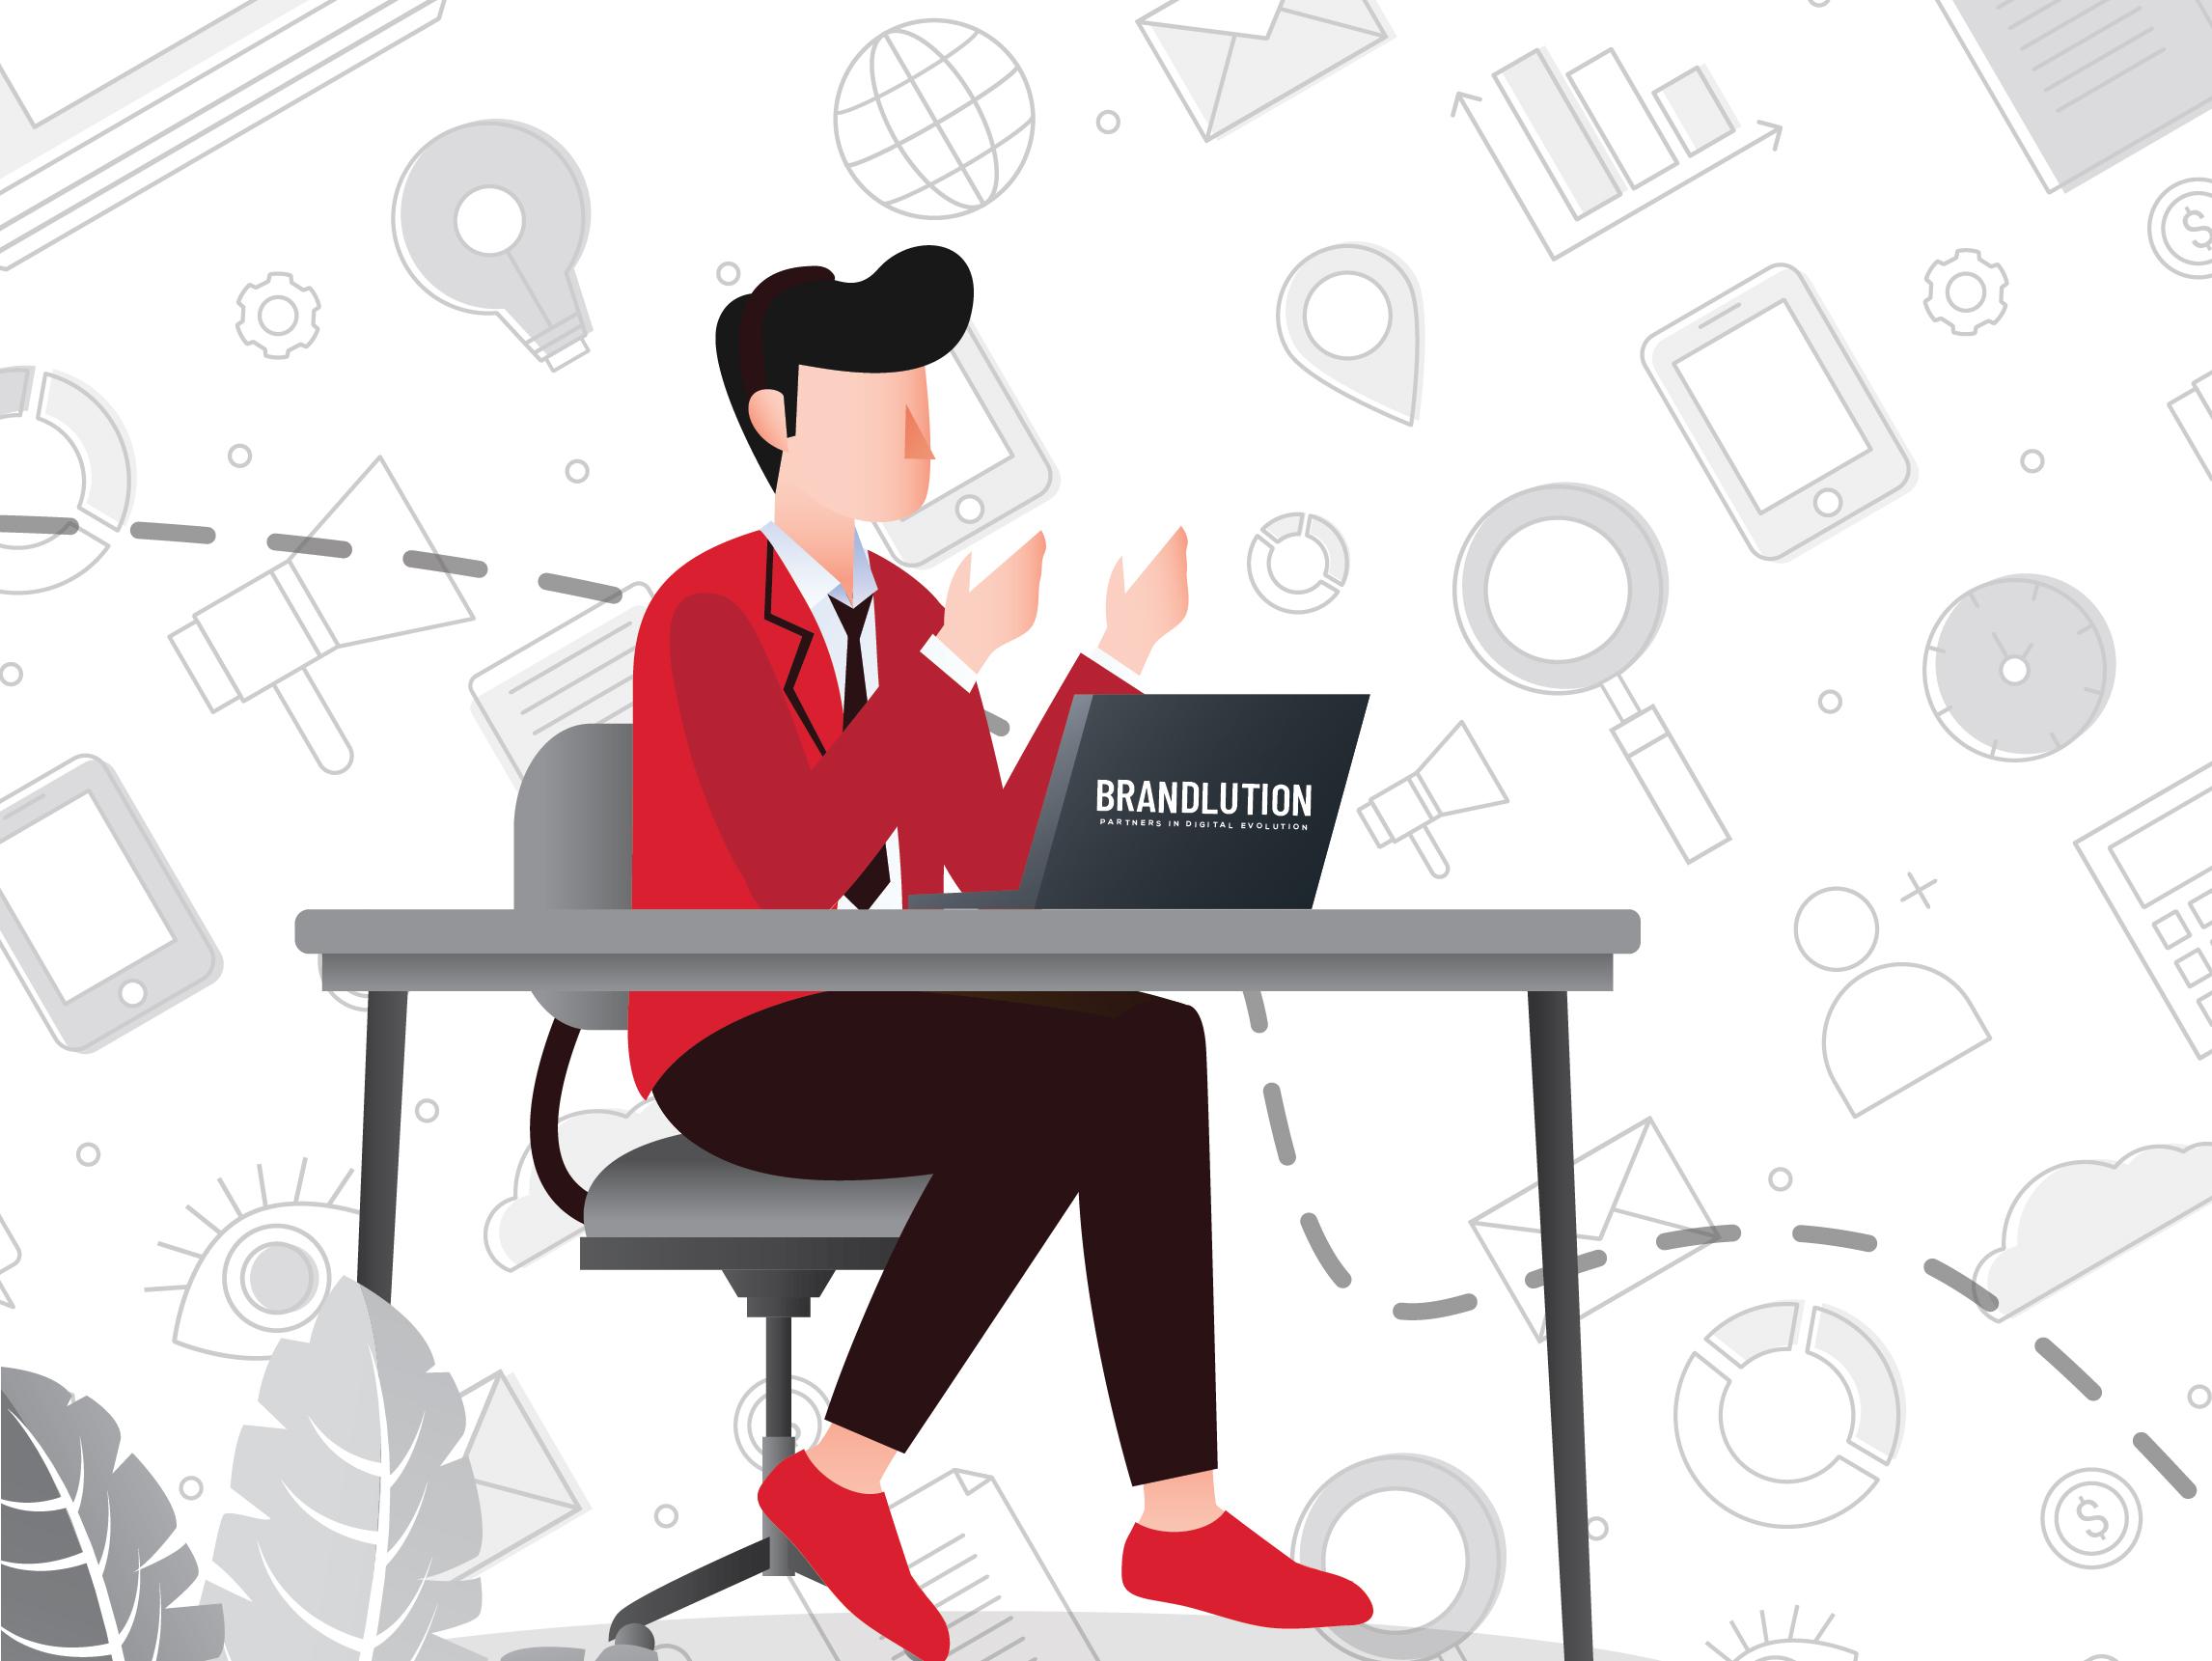 Premium Digital Marketing Course